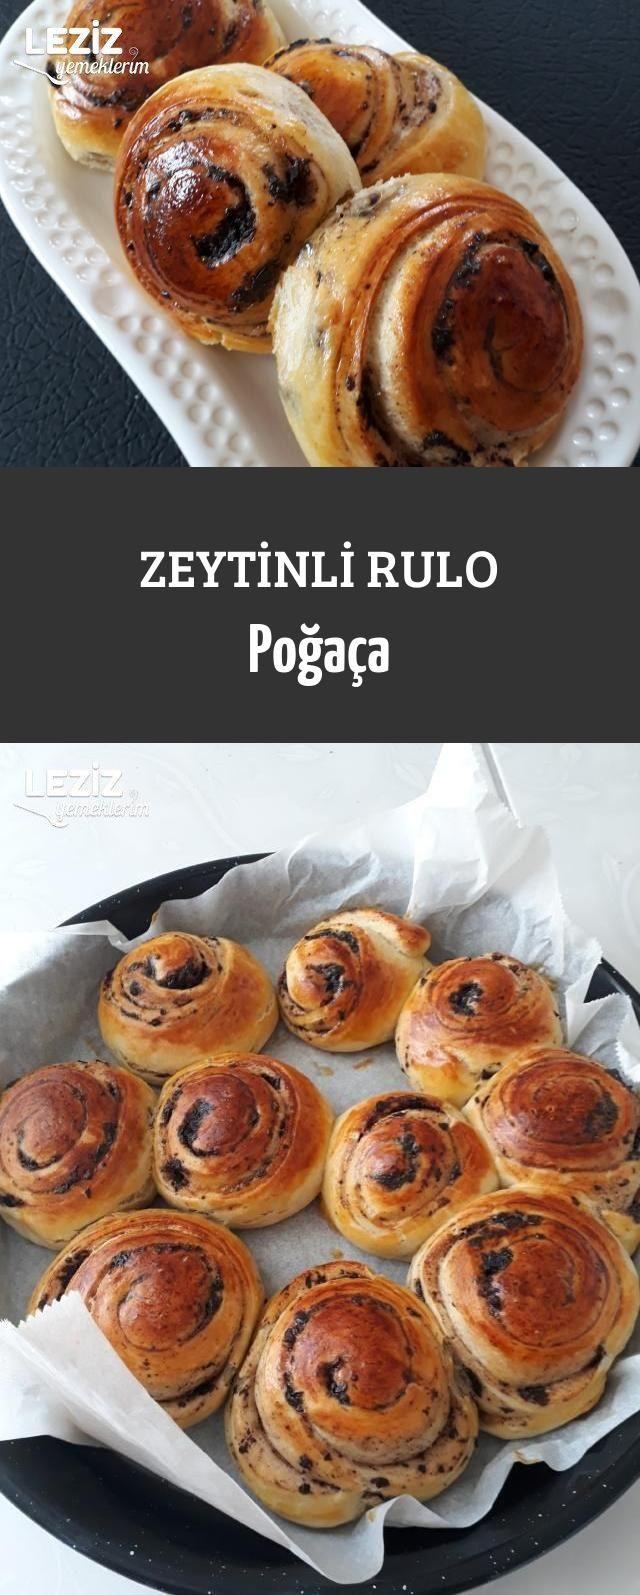 Zeytinli Rulo Poğaça